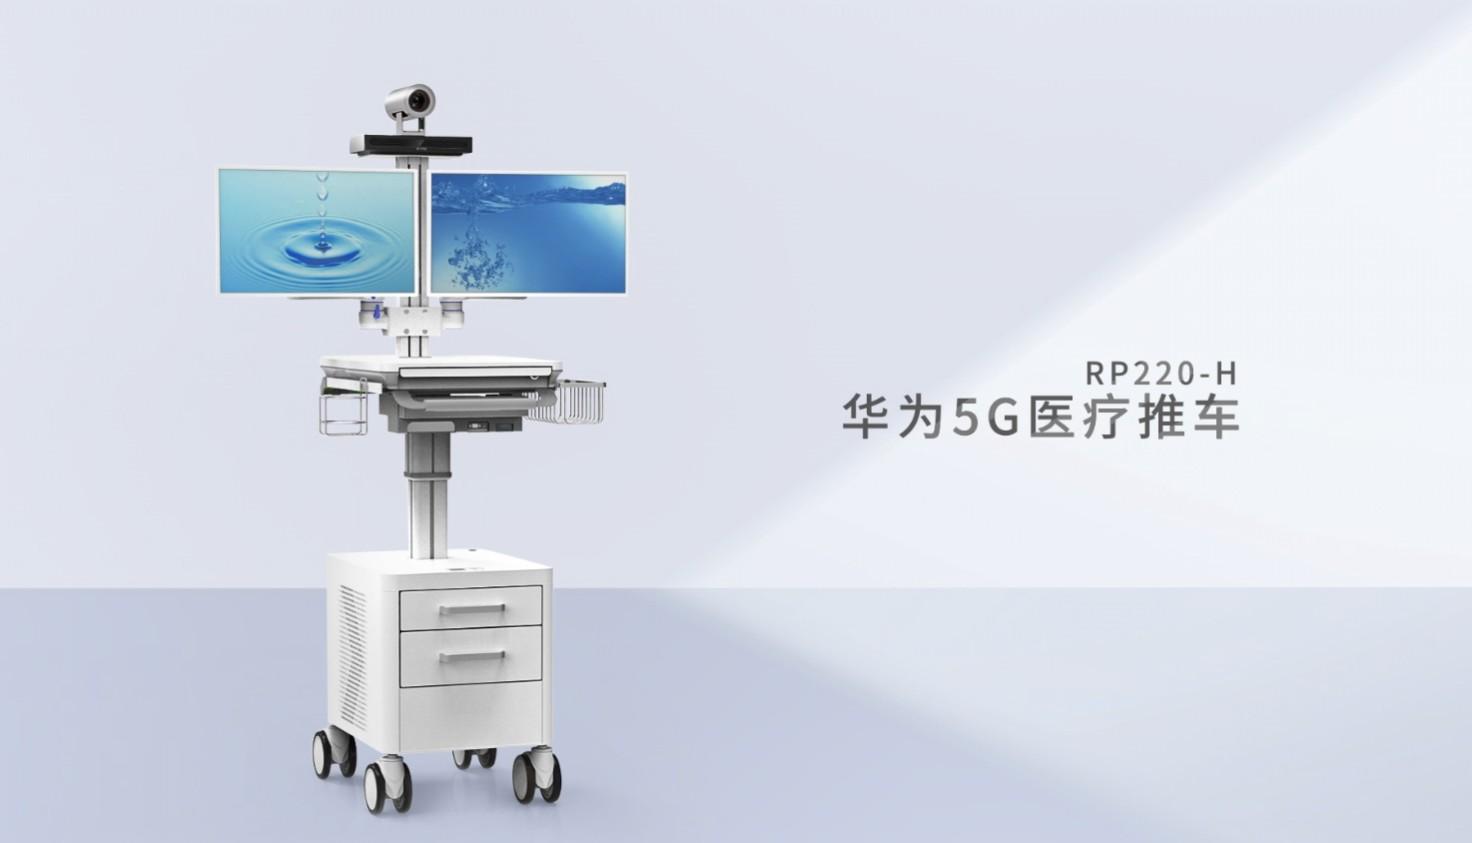 布局生态、落地远程医疗解决方案,华为5G医疗推车RP220-H全新上市